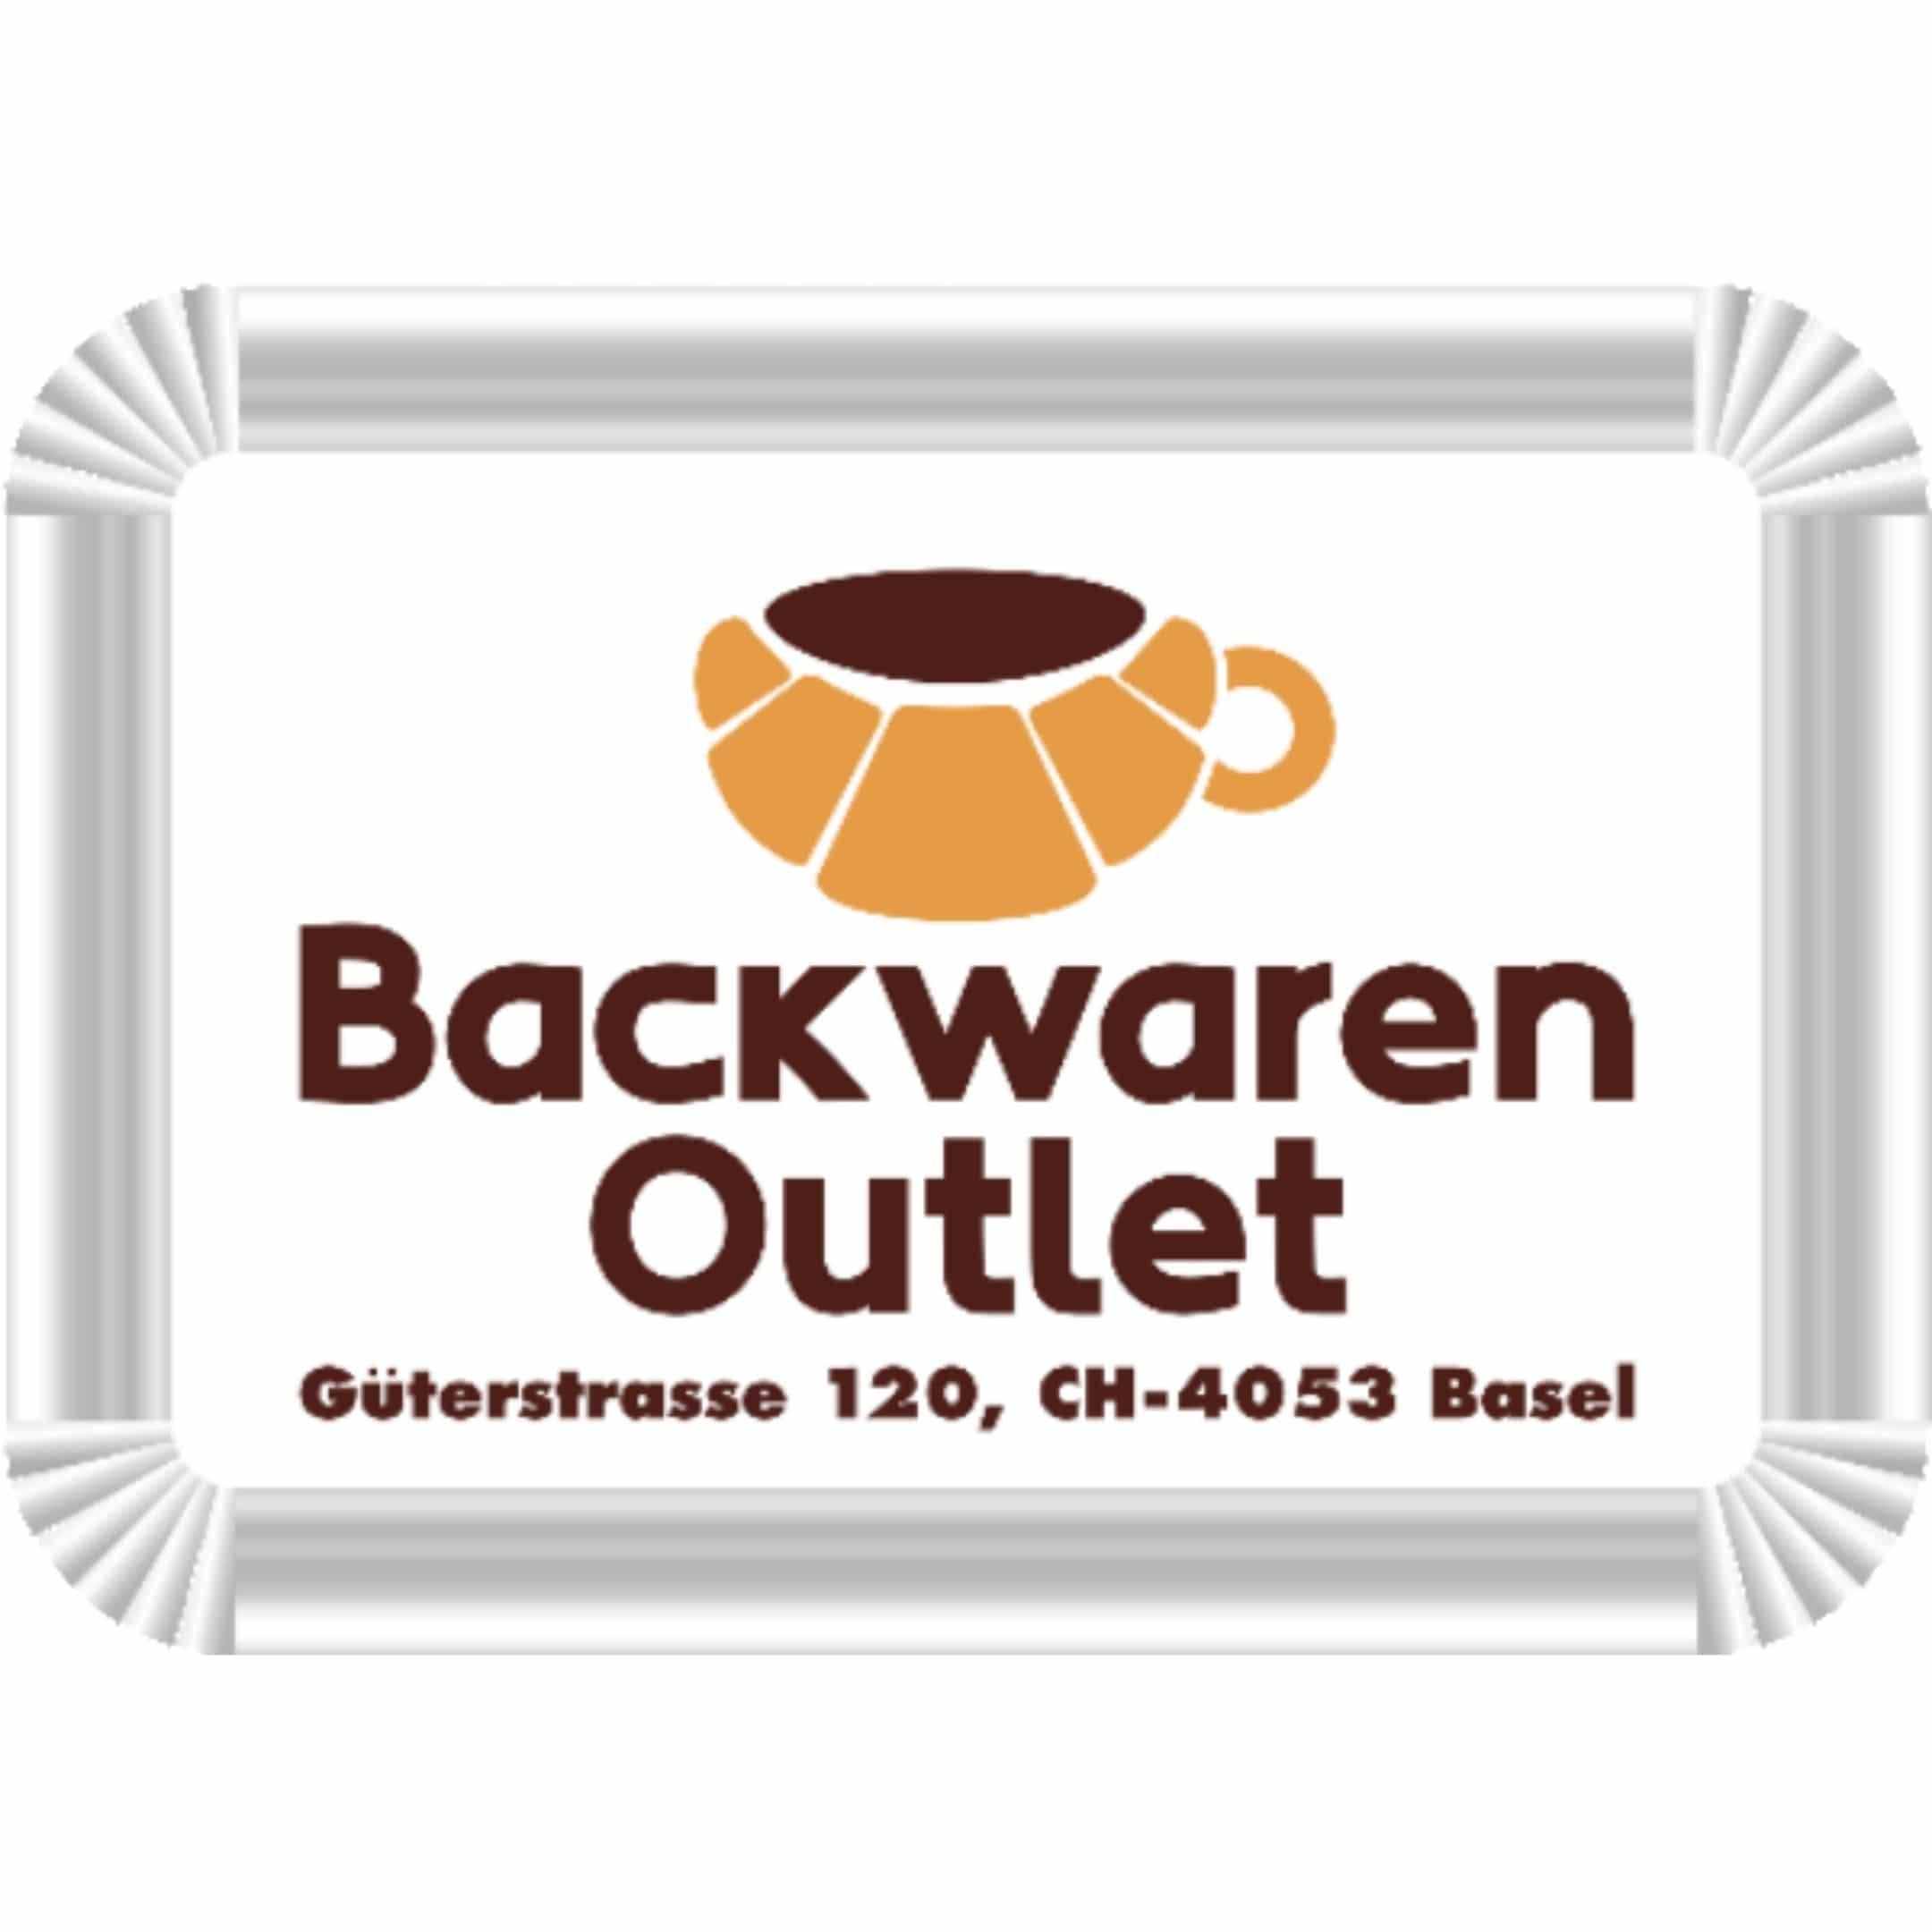 BackwarenOutlet